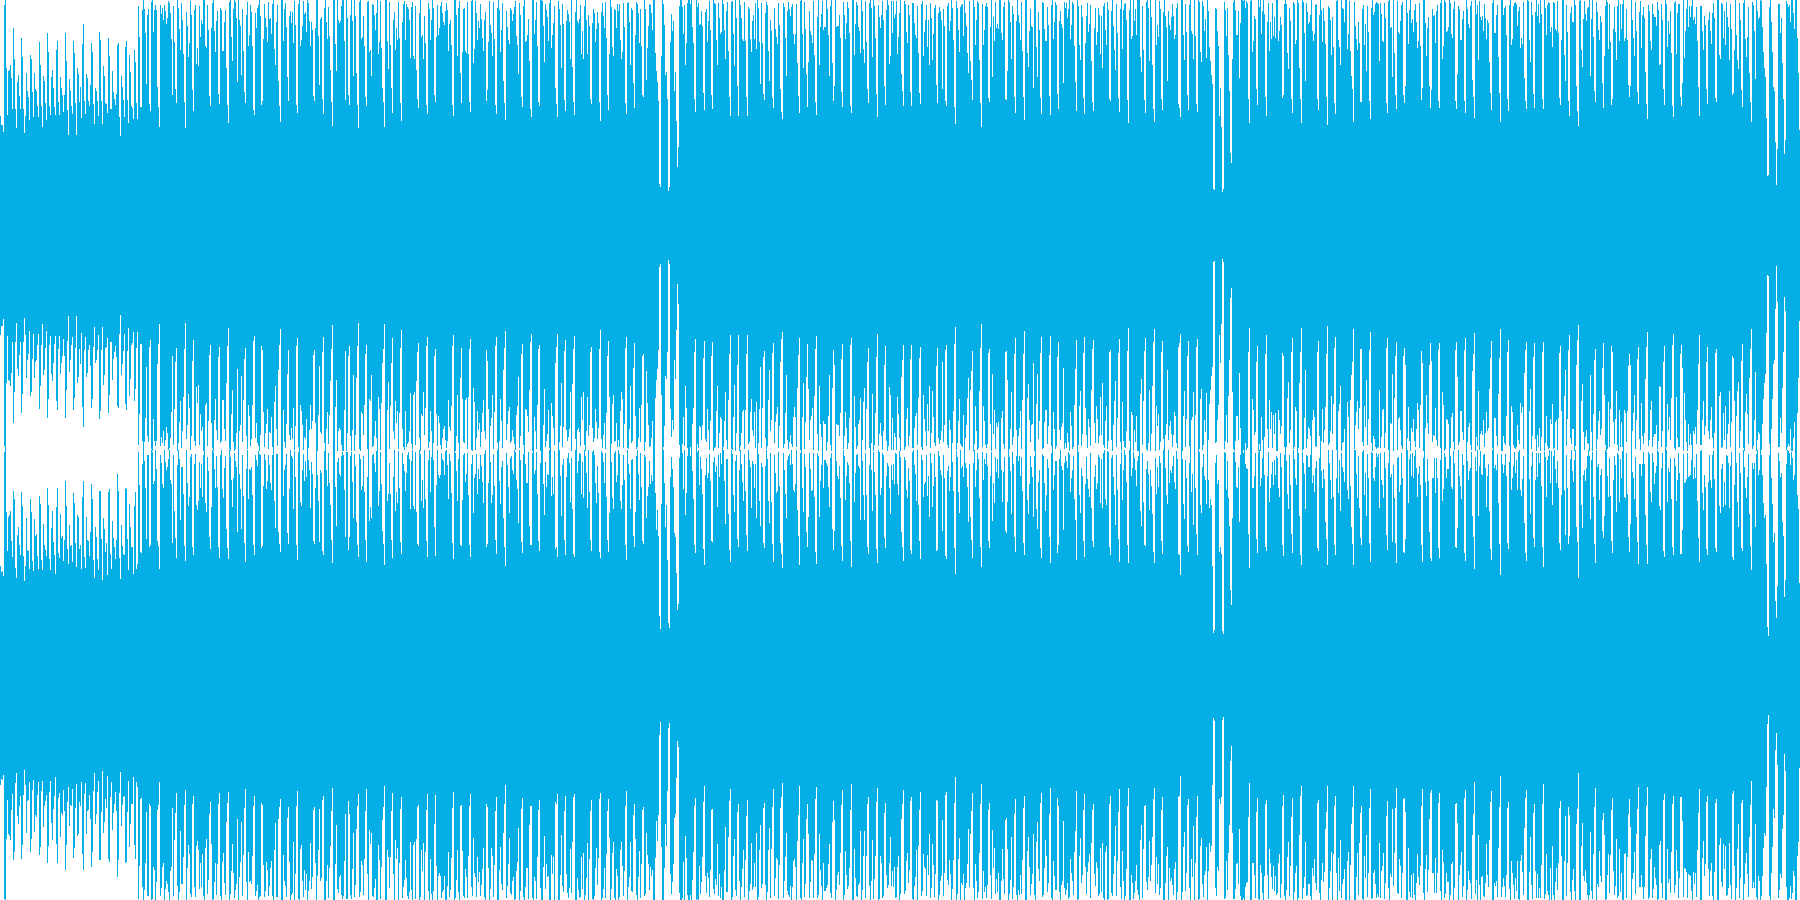 電気タイプの敵との戦闘BGMの再生済みの波形